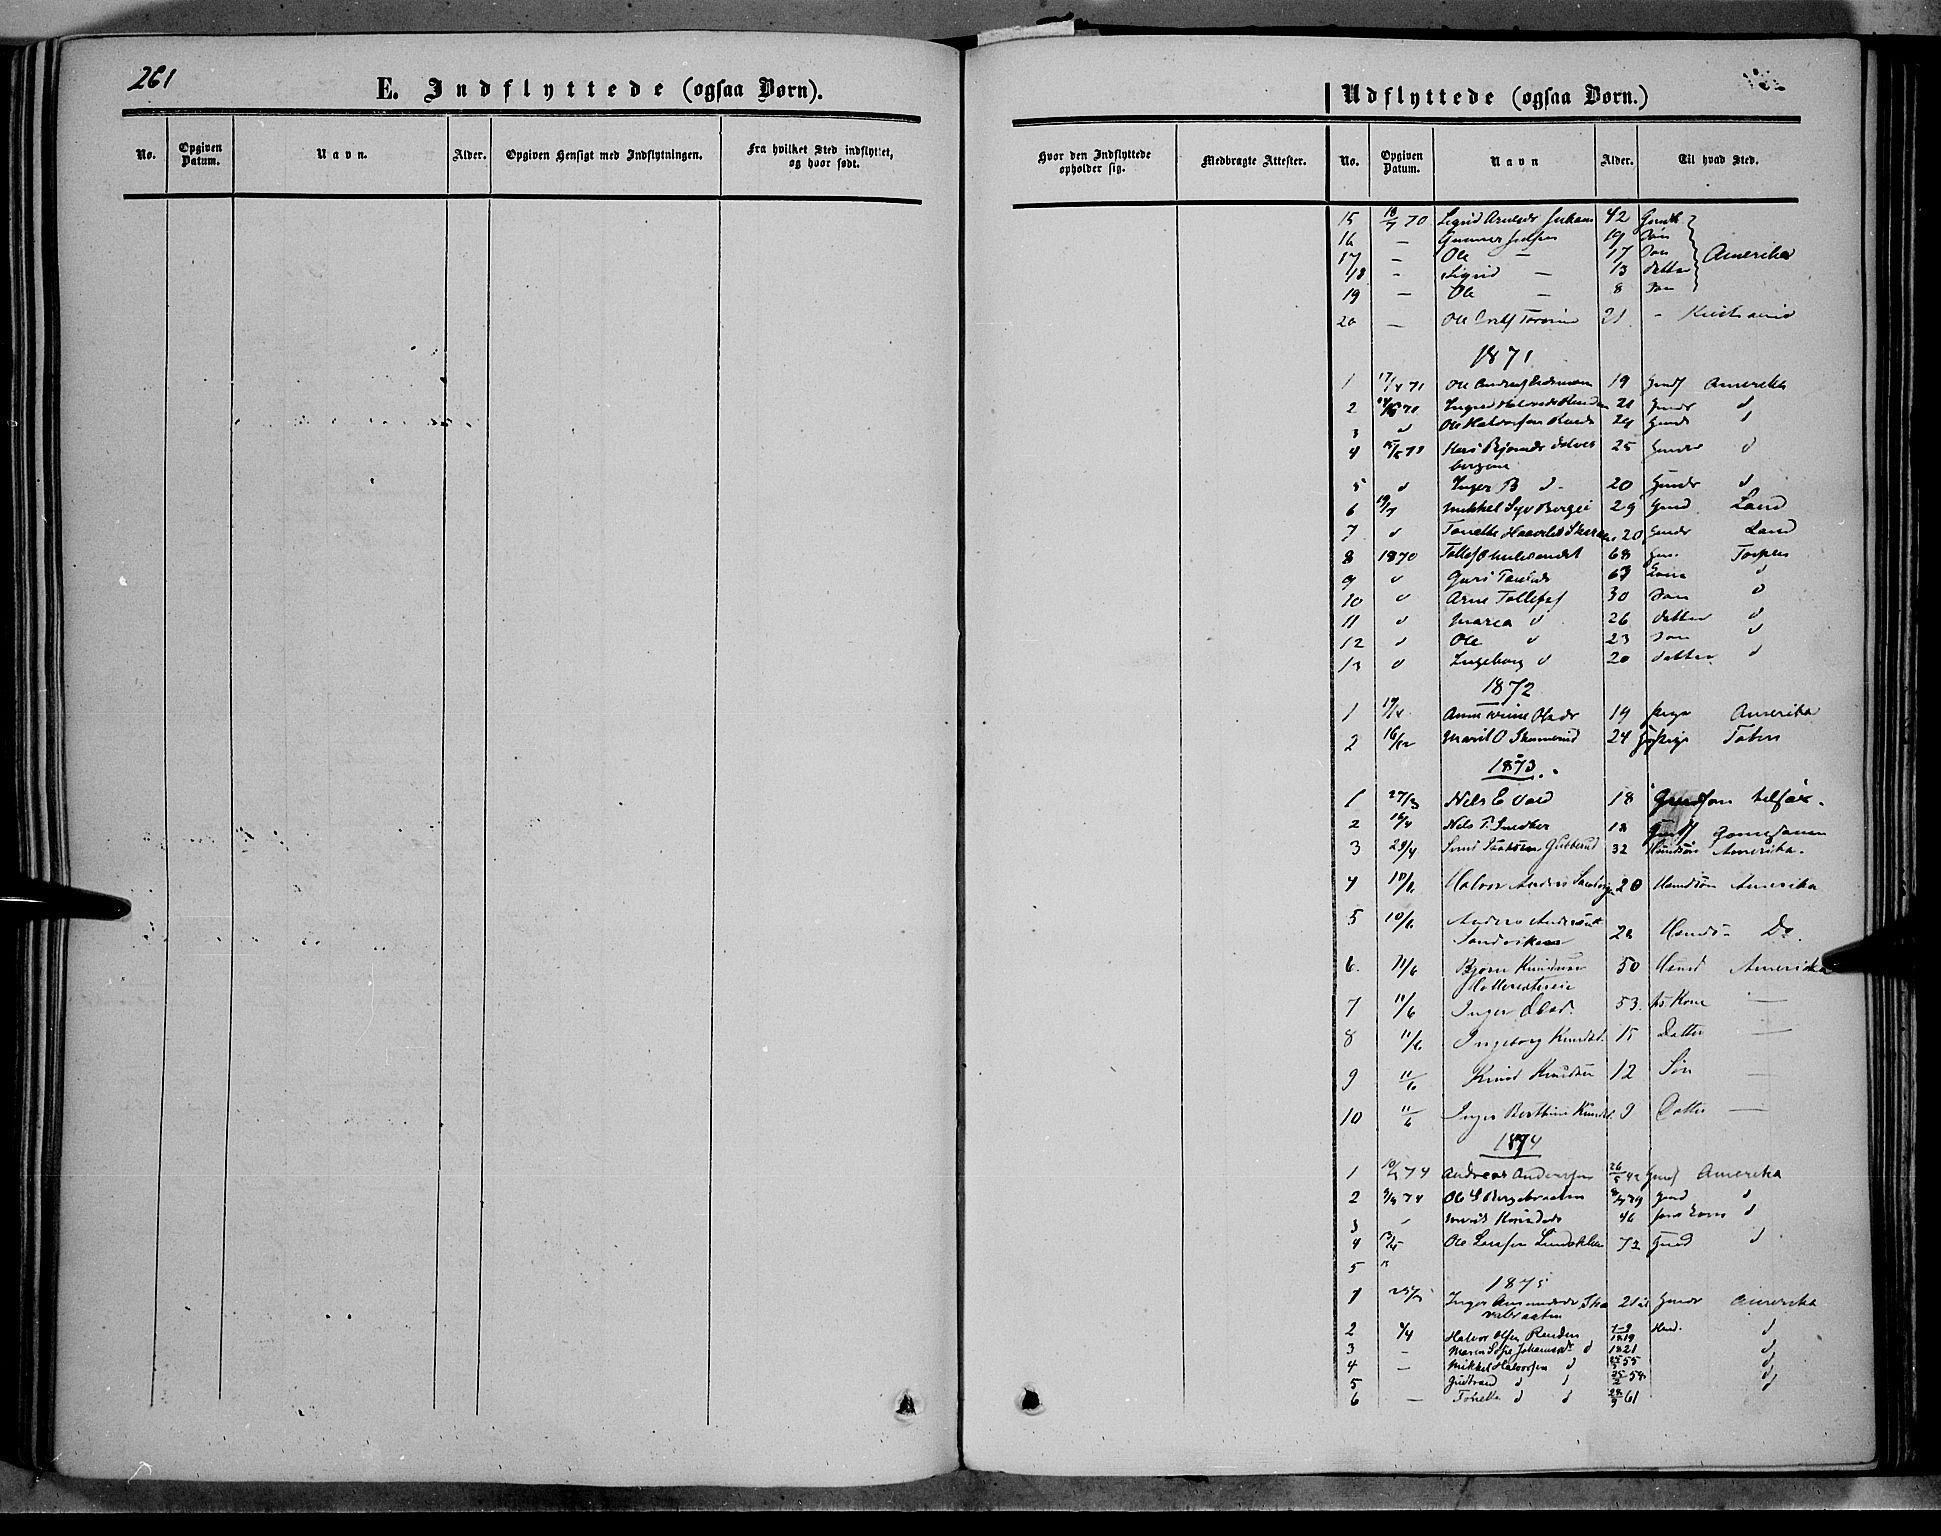 SAH, Sør-Aurdal prestekontor, Ministerialbok nr. 5, 1849-1876, s. 261